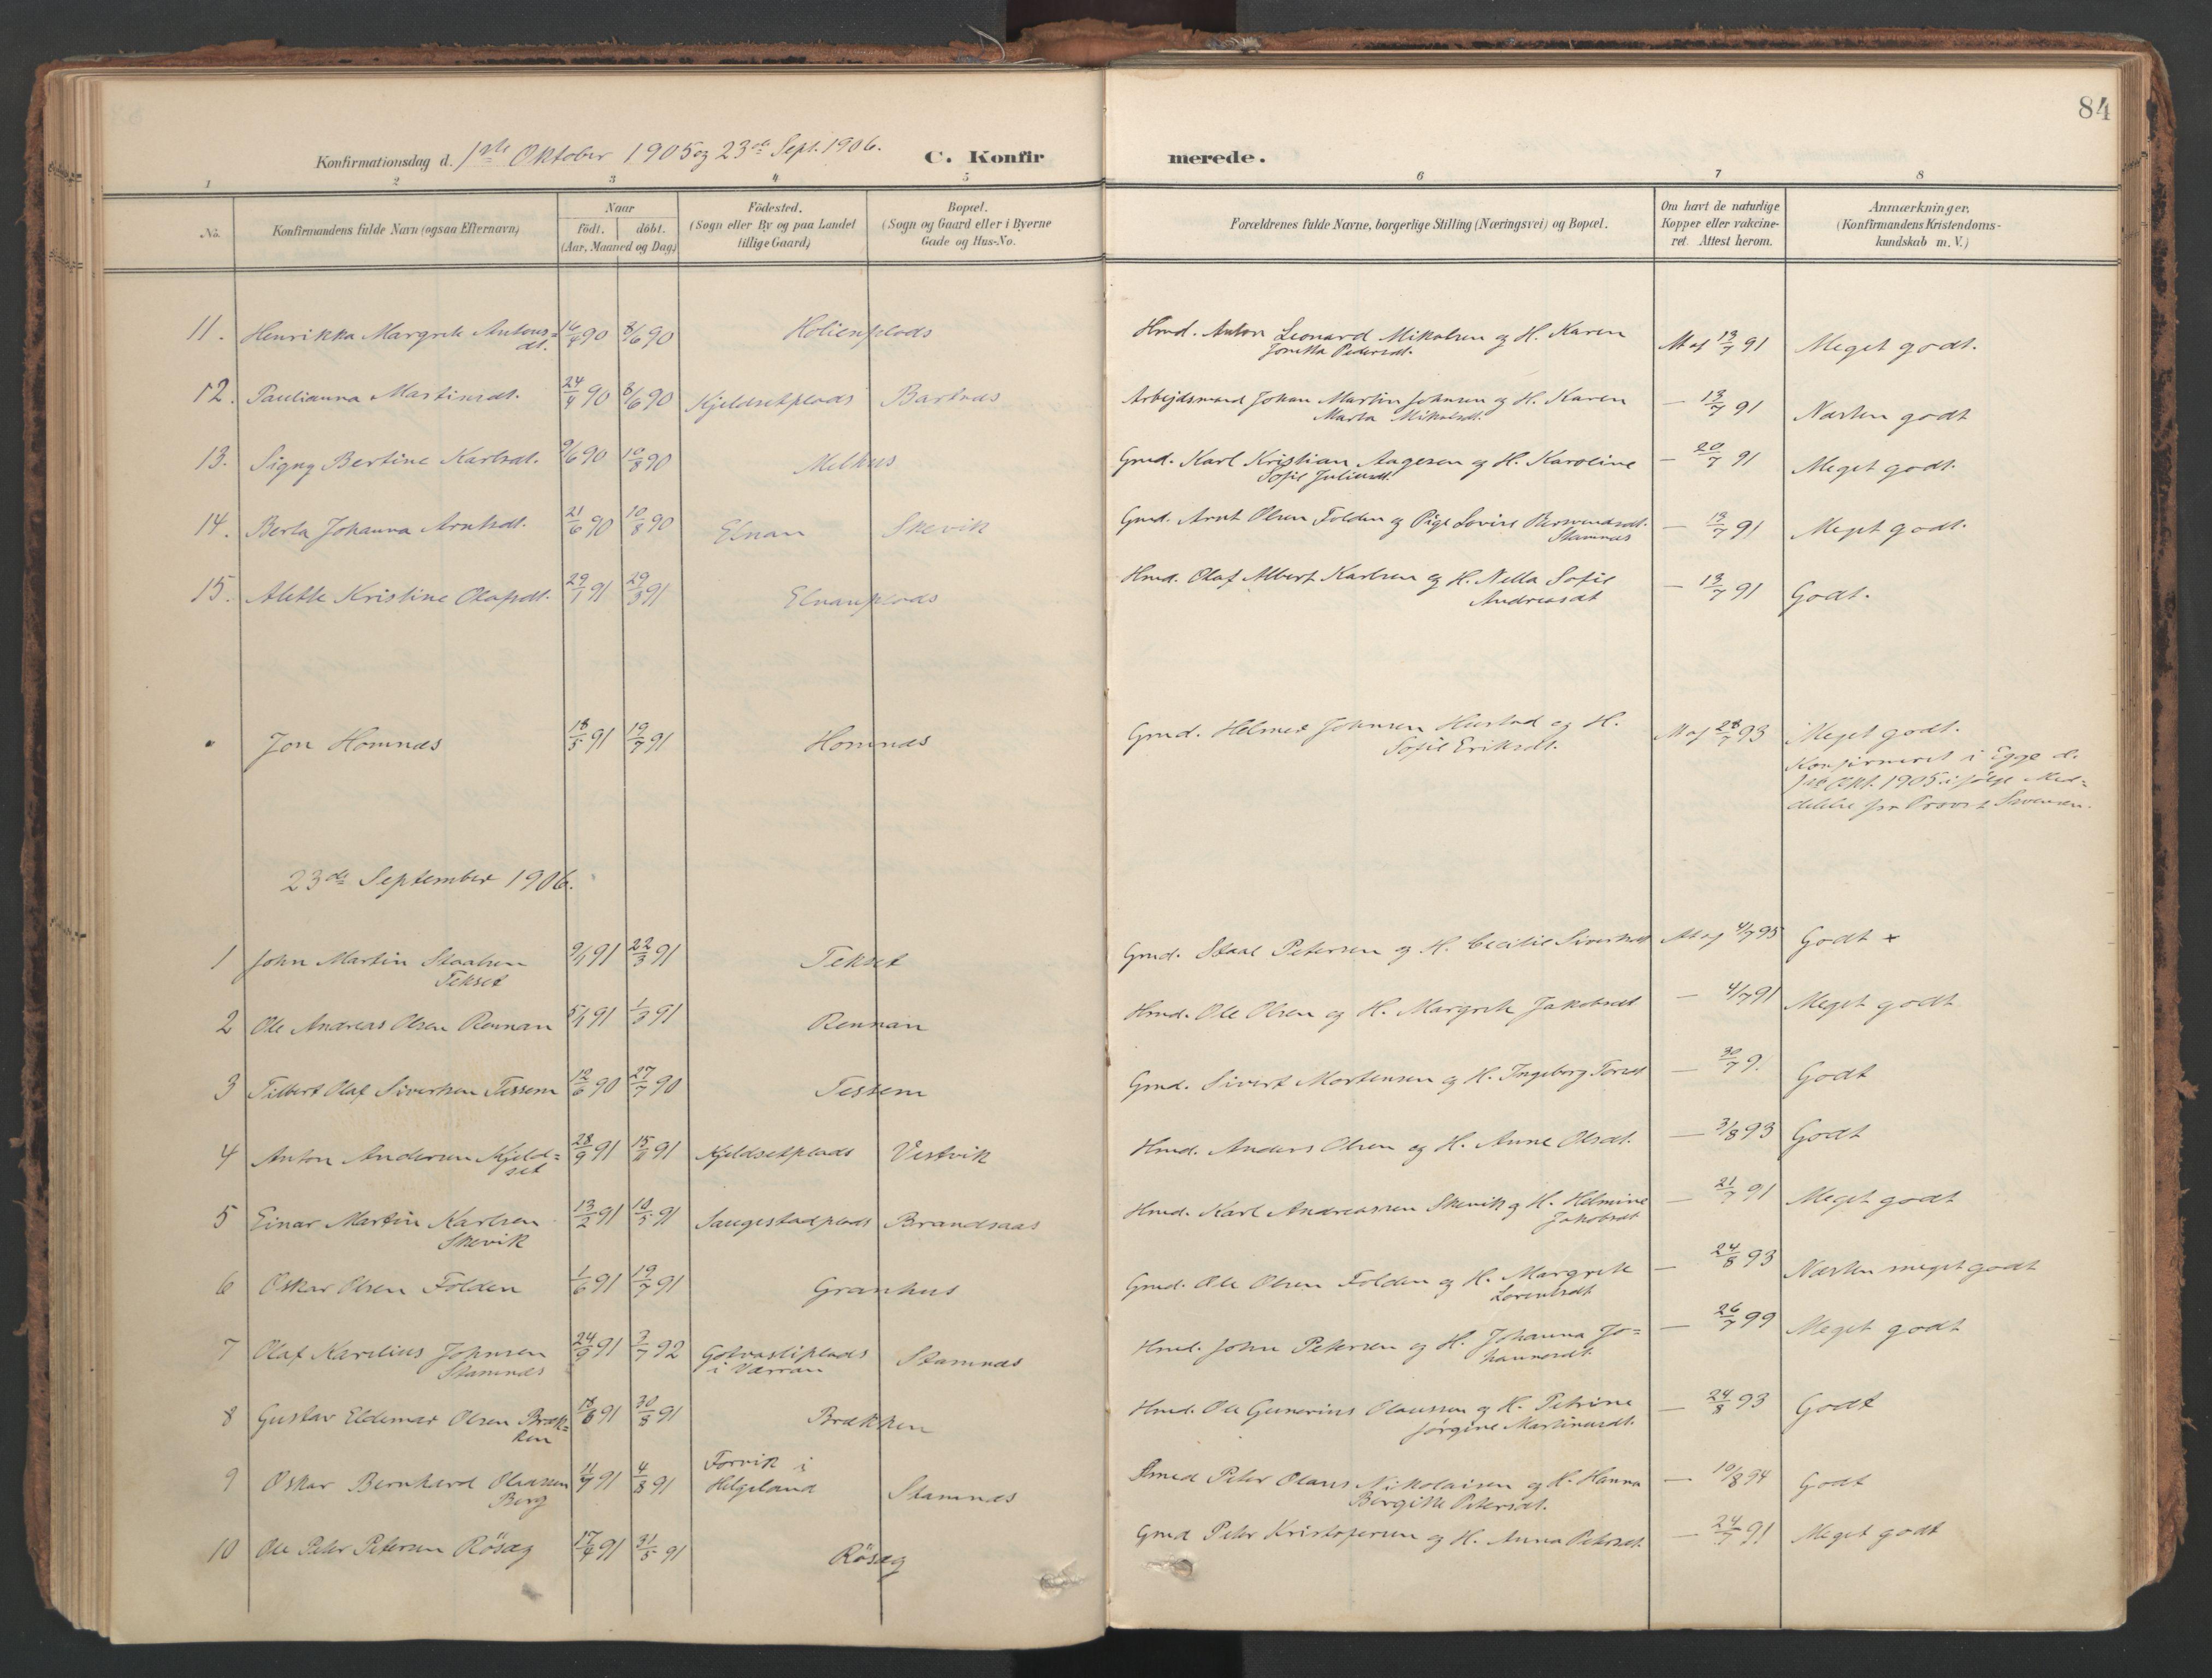 SAT, Ministerialprotokoller, klokkerbøker og fødselsregistre - Nord-Trøndelag, 741/L0397: Ministerialbok nr. 741A11, 1901-1911, s. 84